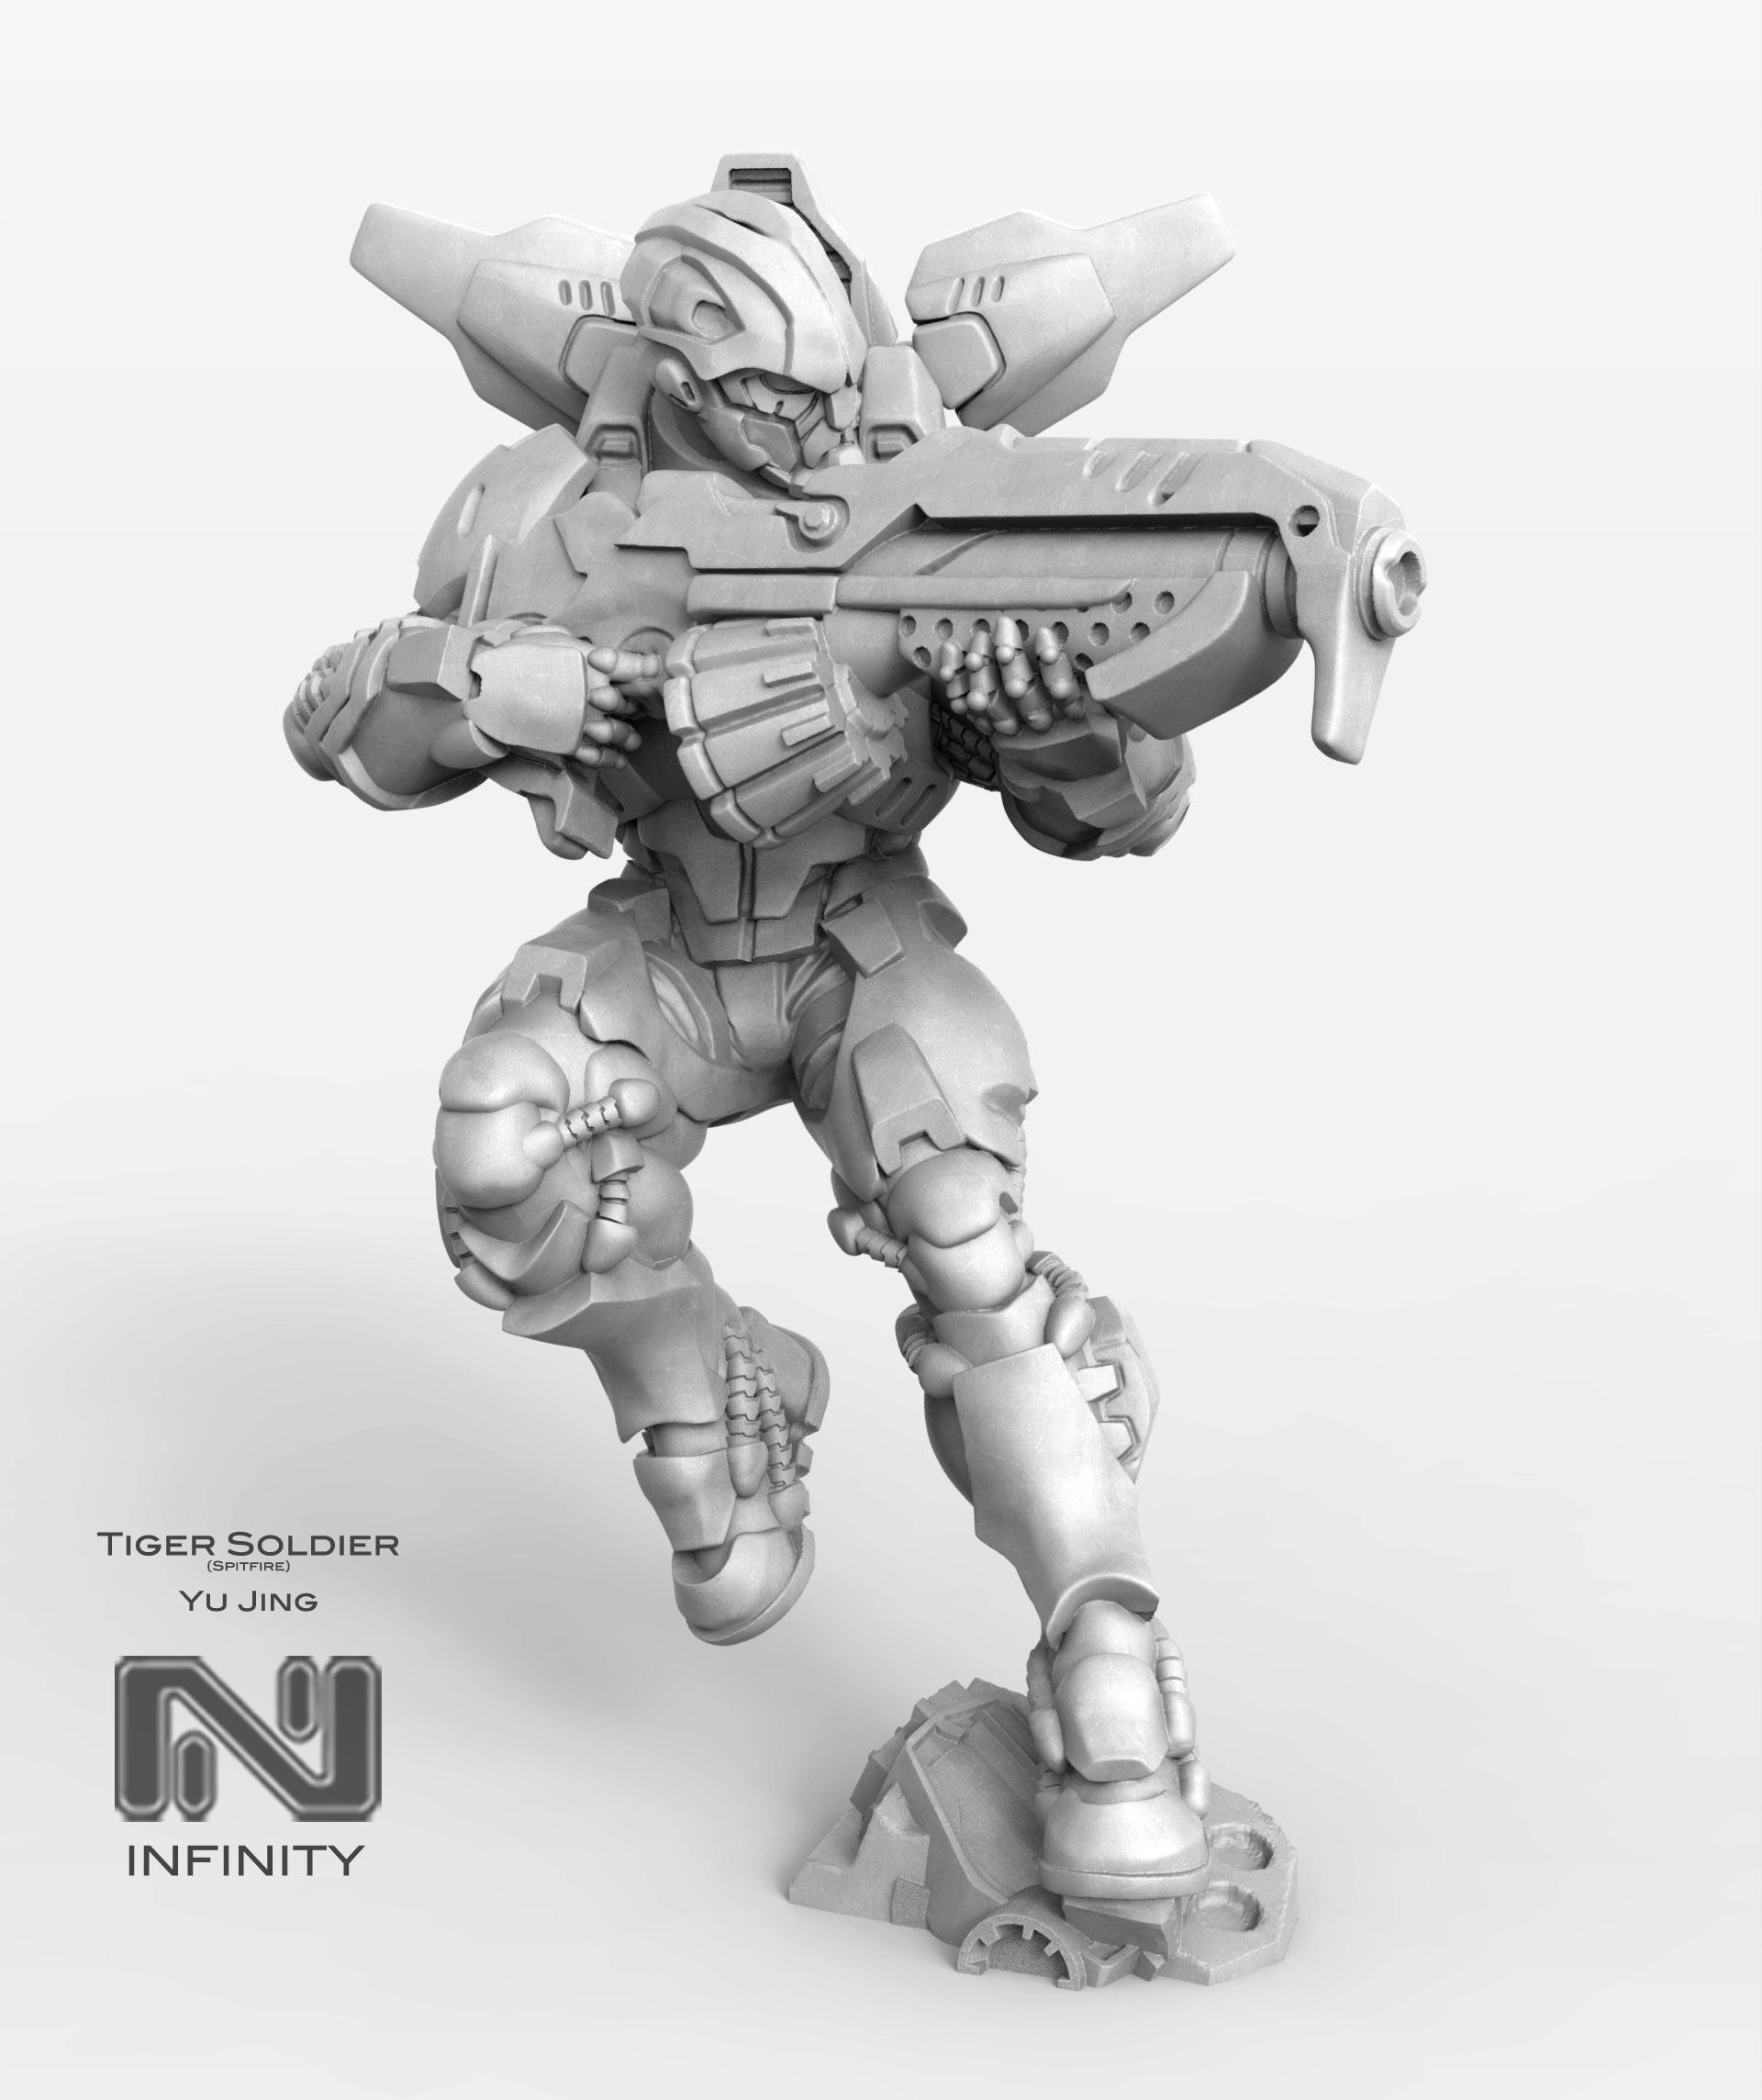 Tiger Soldier (Spitfire) by javi-ure